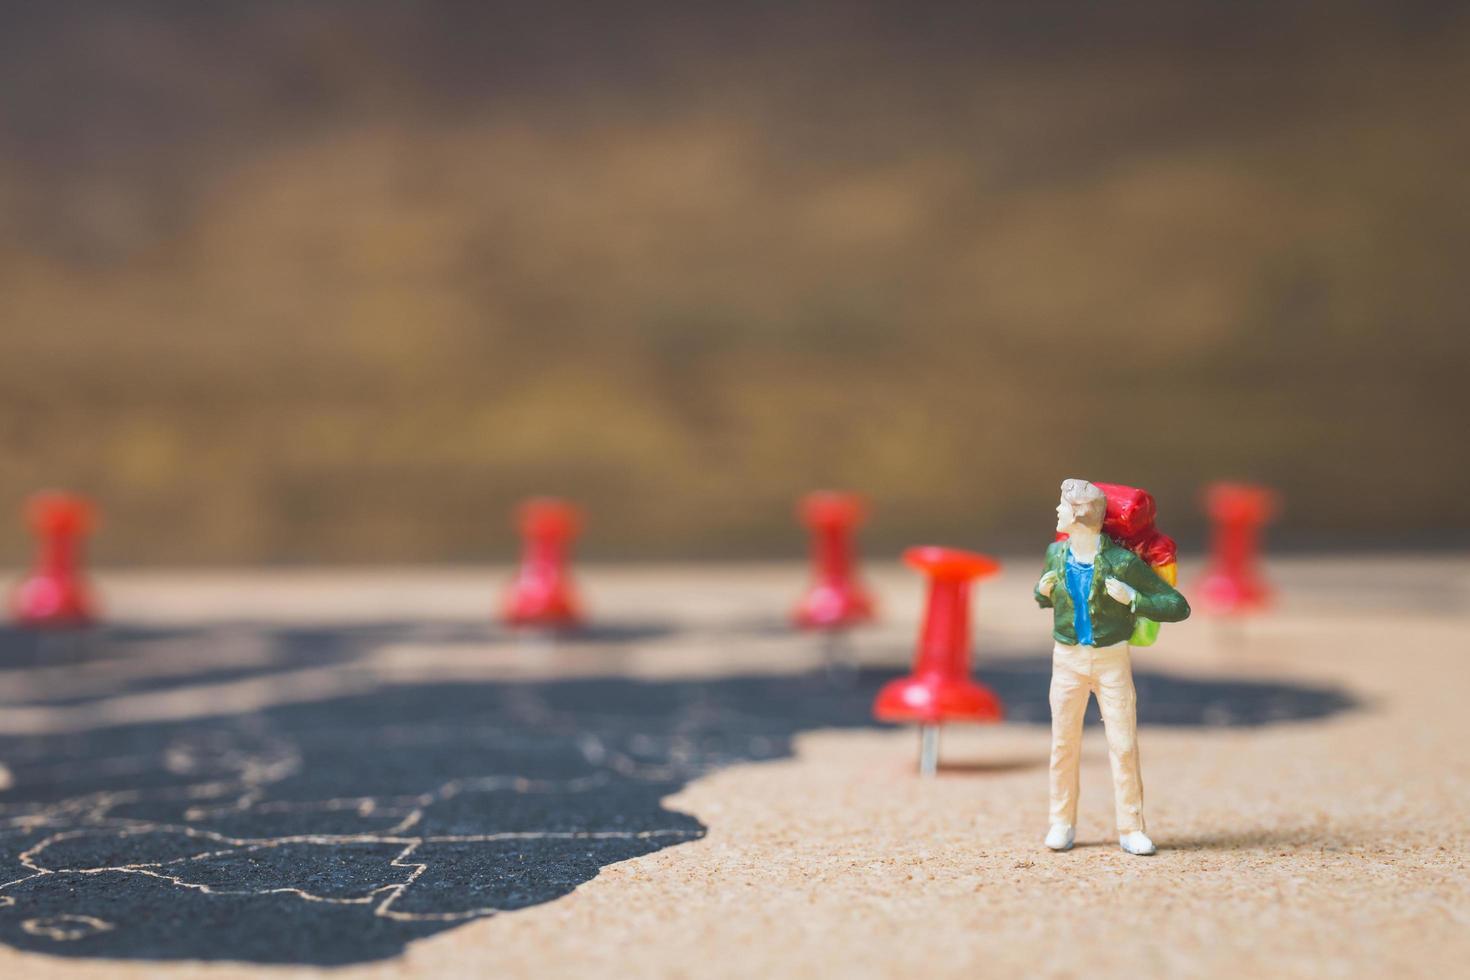 Mochilero en miniatura caminando sobre un mapa del mundo, el turismo y el concepto de viaje foto